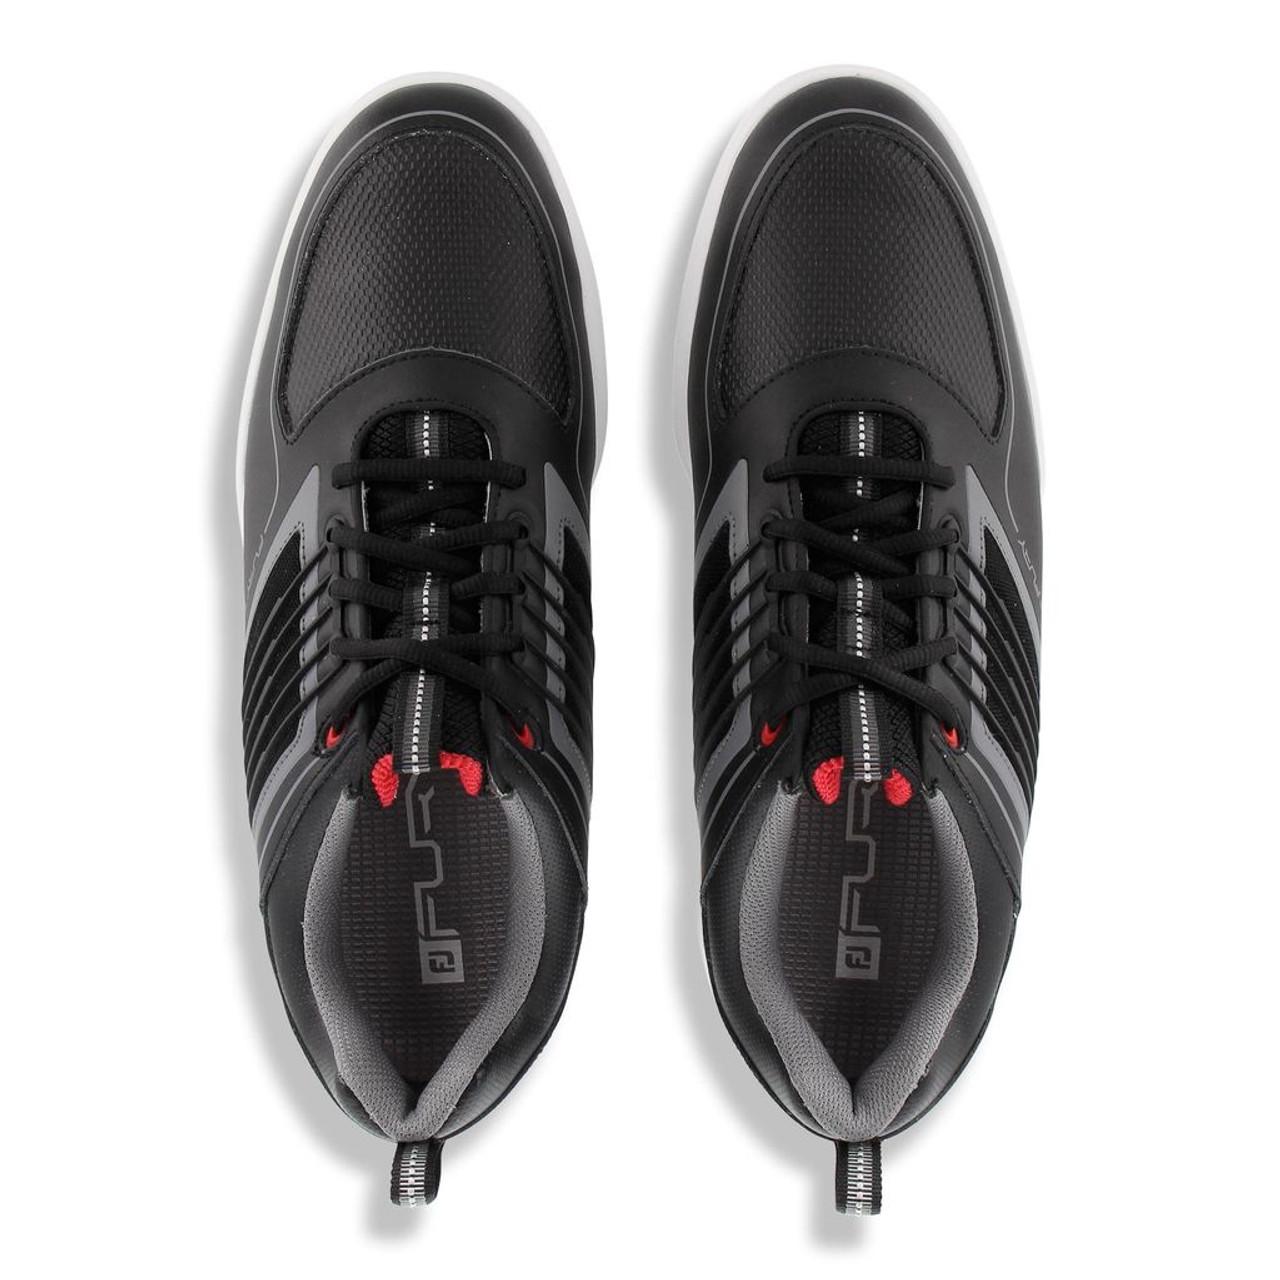 FootJoy FJ Fury Golf Shoes - Black / Red (51103)